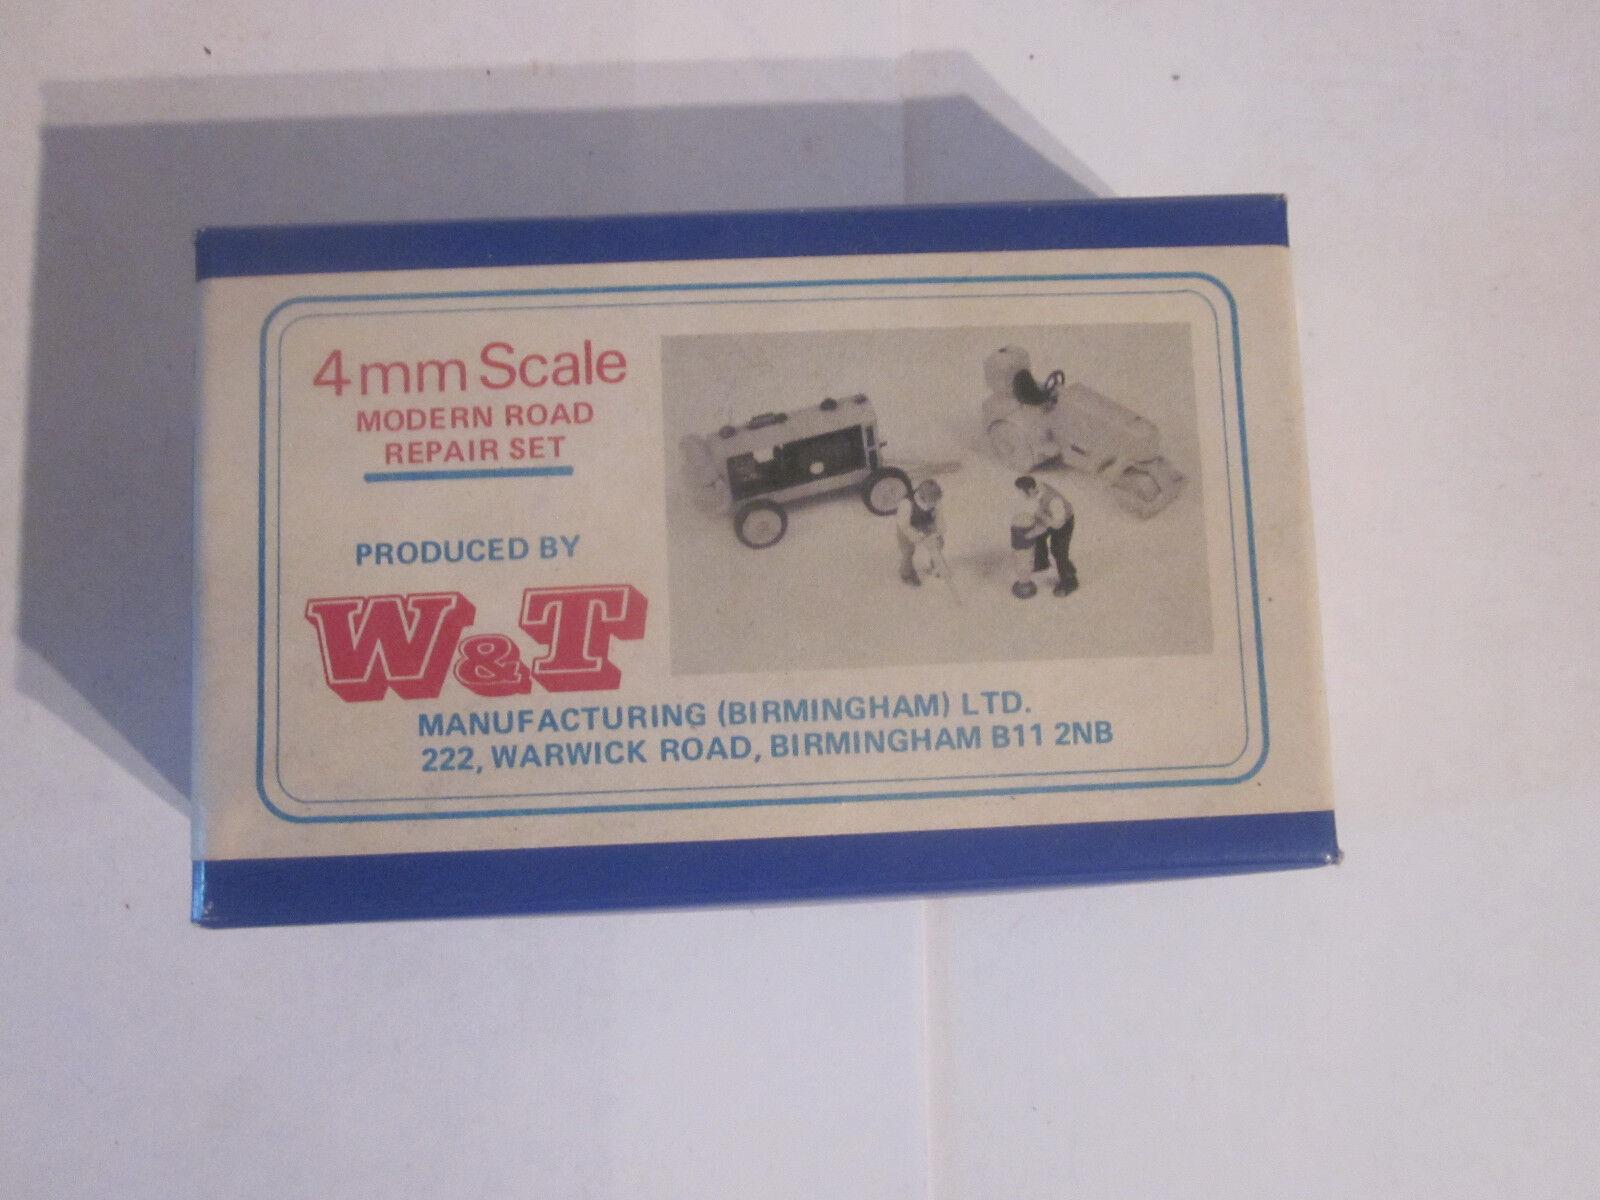 W&t kit 2 construcción art nr d1 nuevo + embalaje original